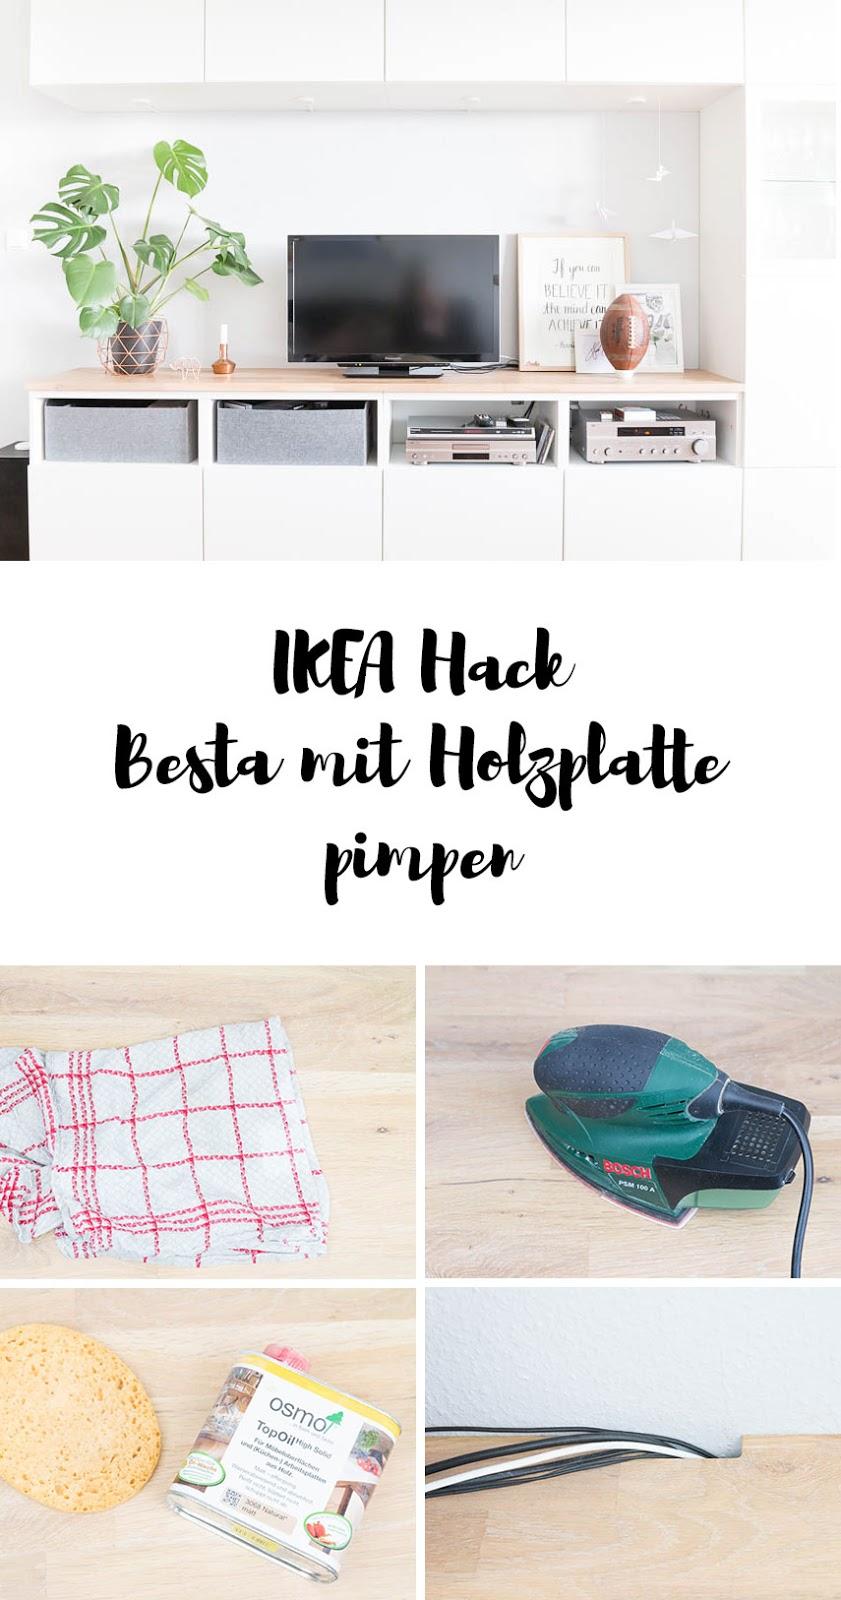 Kleiderschrank Ikea Gebraucht Köln ~ Ikea Hack  So einfach machst du aus deinem Besta ein Designerstück